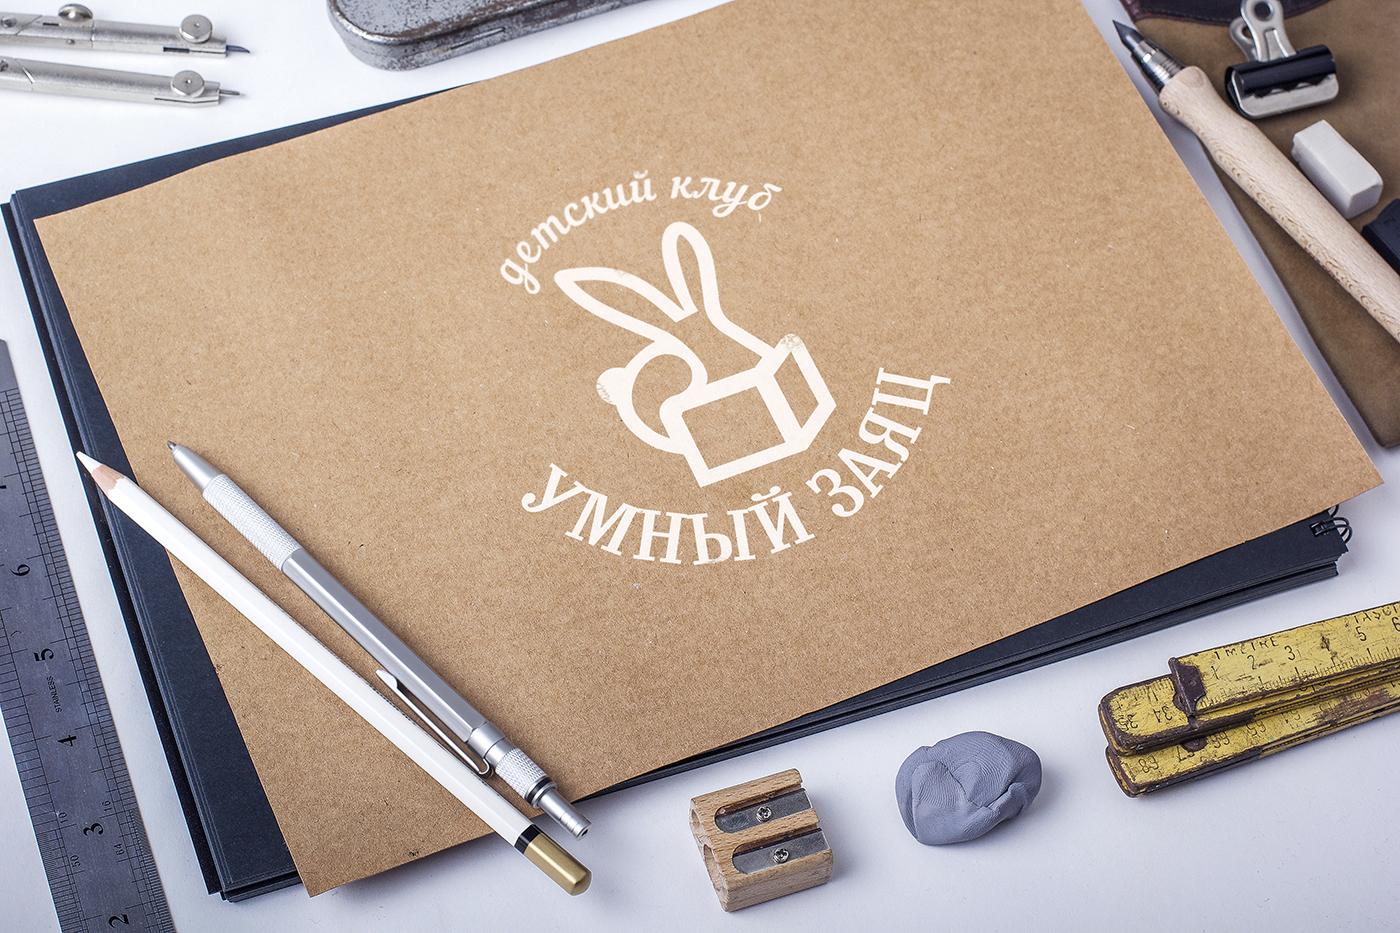 Разработать логотип и фирменный стиль детского клуба фото f_2925560a53880302.jpg